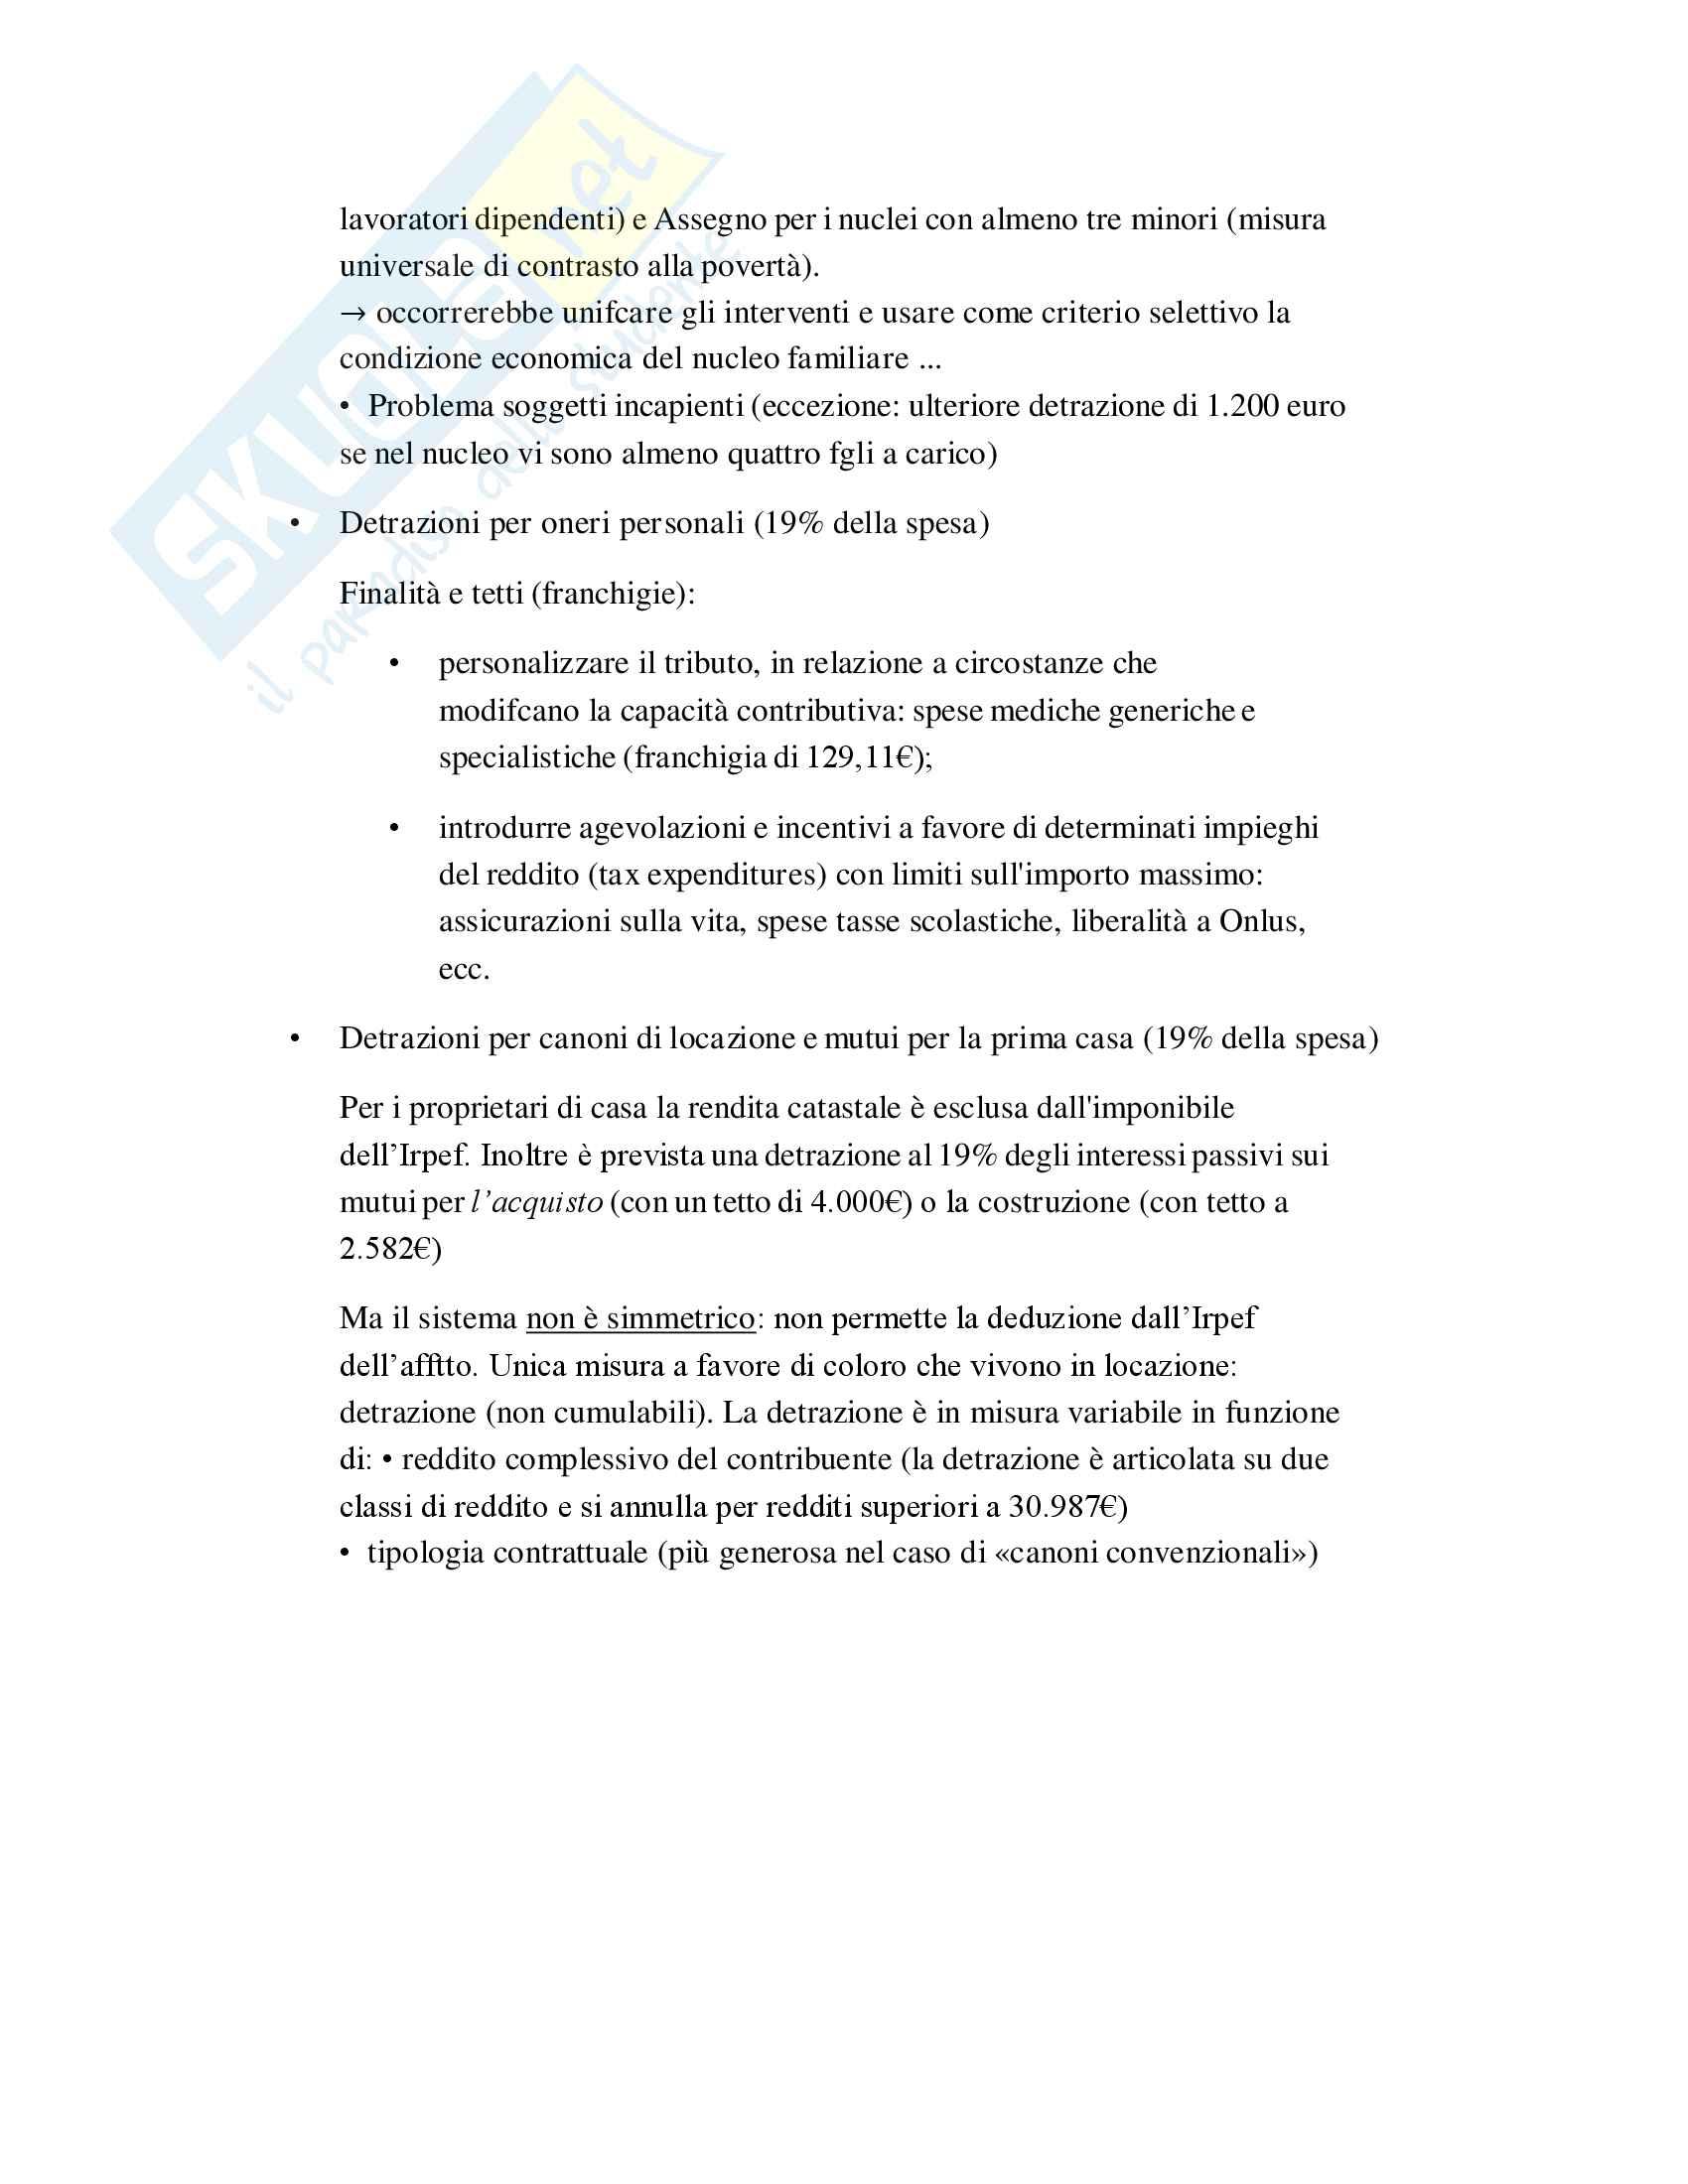 Riassunto Tributi economia italiana, esame di scienza delle finanze, prof Baldini, libro consigliato P. Bosi, M. C. Guerra: I tributi nell'economia italiana Pag. 36